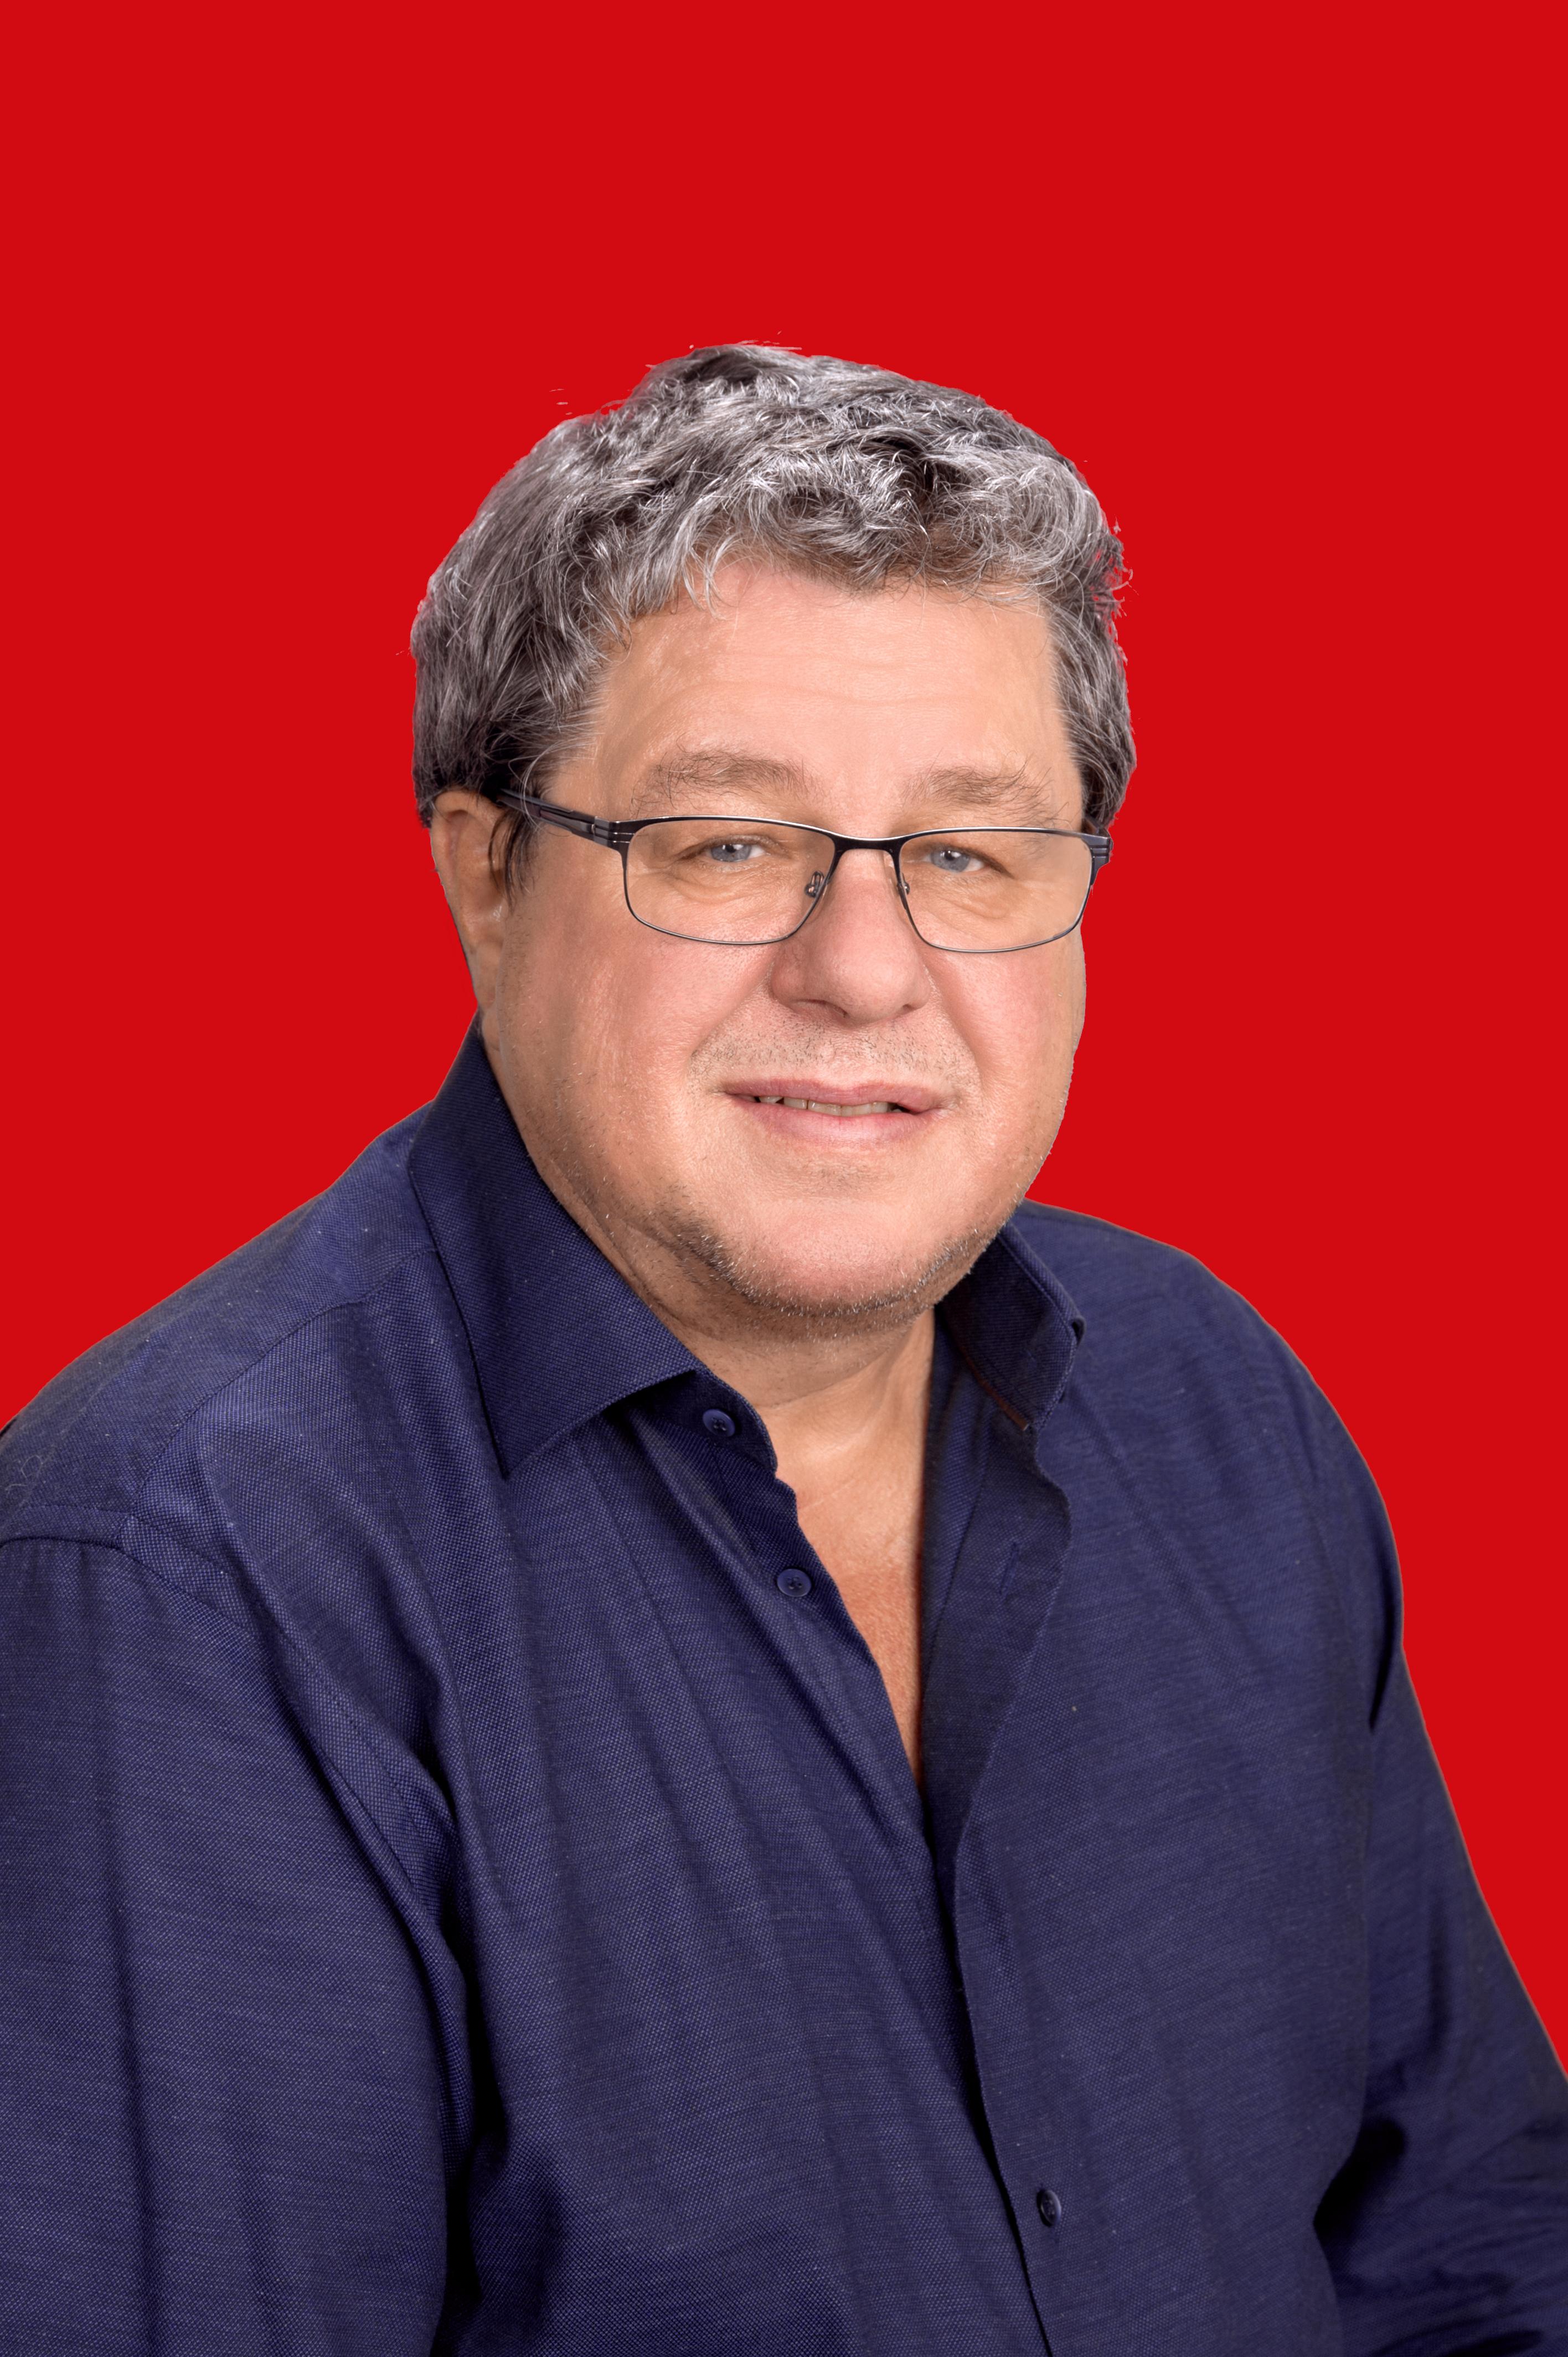 Karl Schöftner